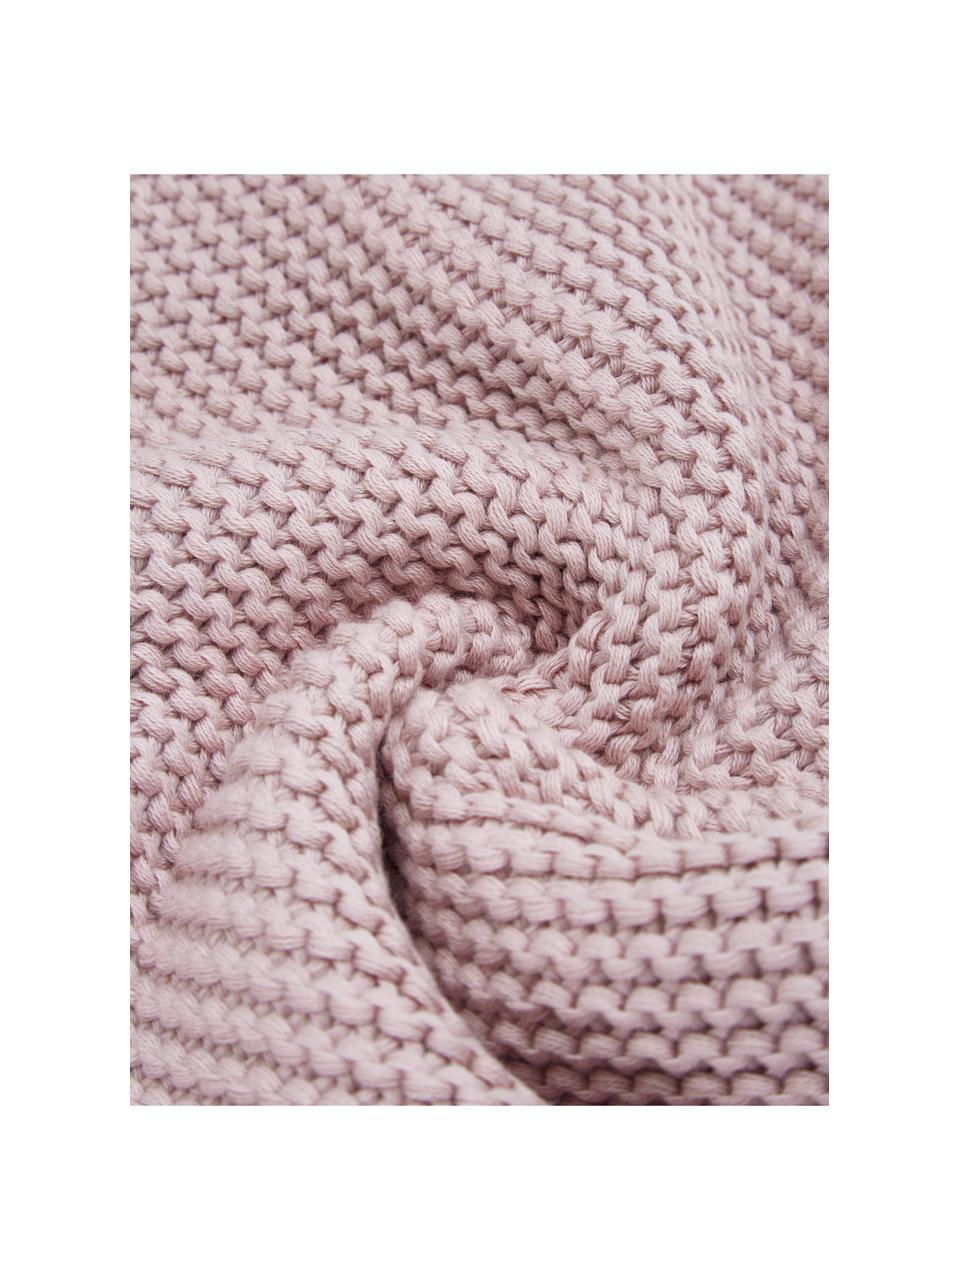 Strick-Kissenhülle Adalyn aus Bio-Baumwolle in Altrosa, 100% Bio-Baumwolle, GOTS-zertifiziert, Altrosa, 40 x 40 cm